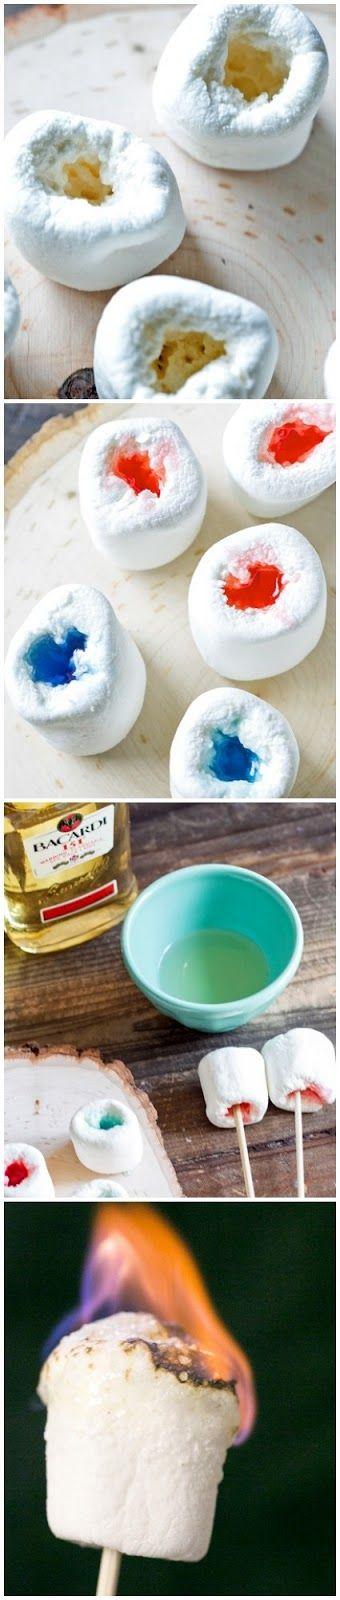 joysama images: Flaming Marshmallow Jelly Shots